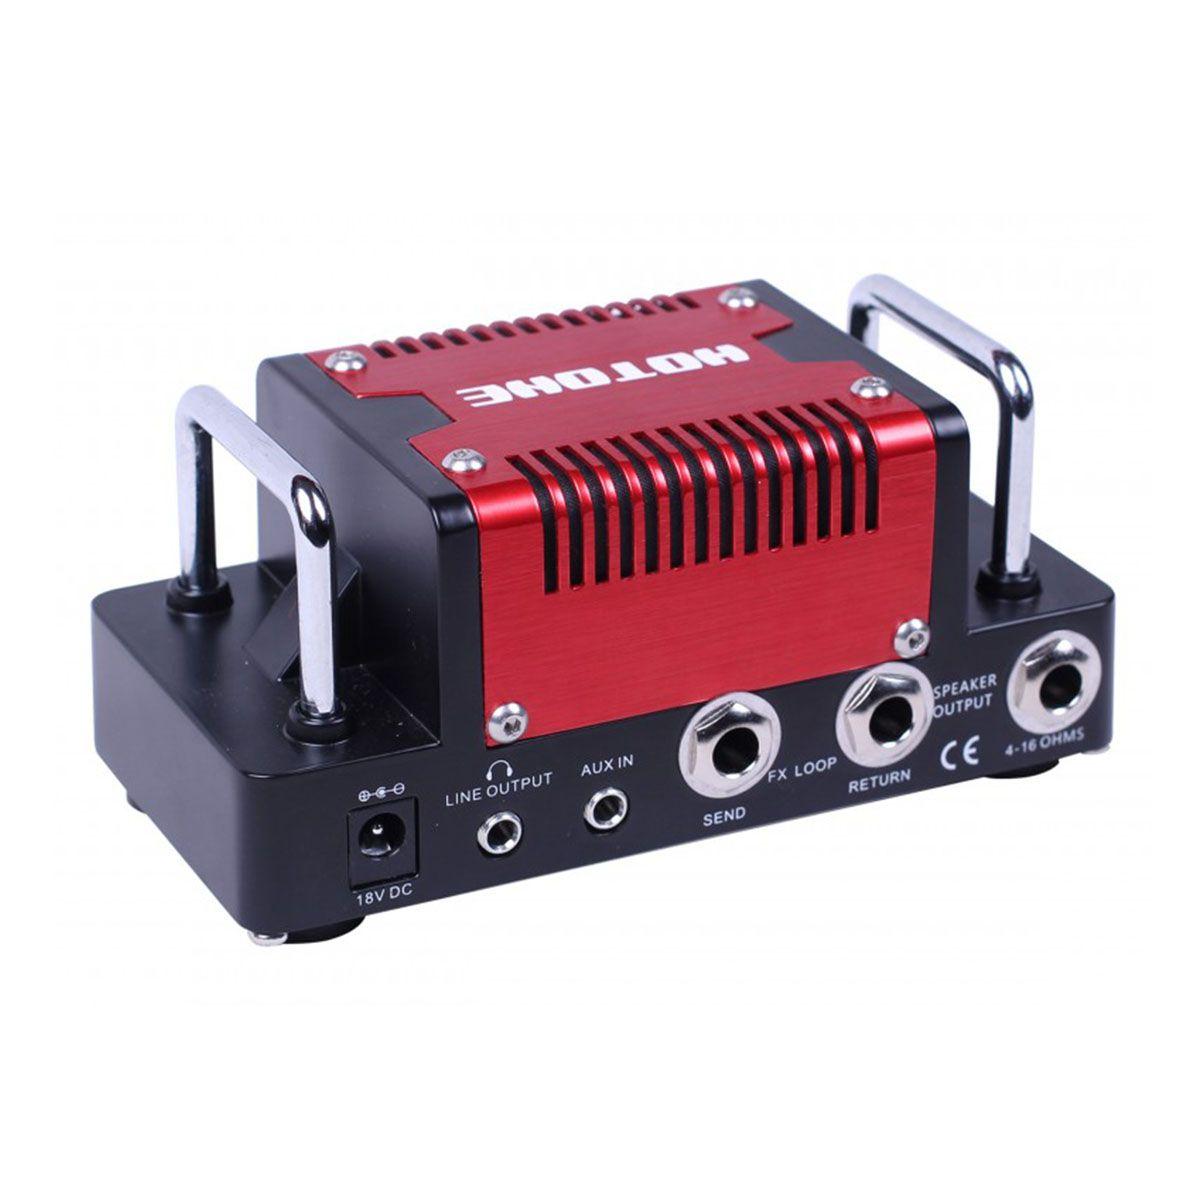 Mini Cabeçote Hotone Nano Legacy Heart Attack NLA-3 5W